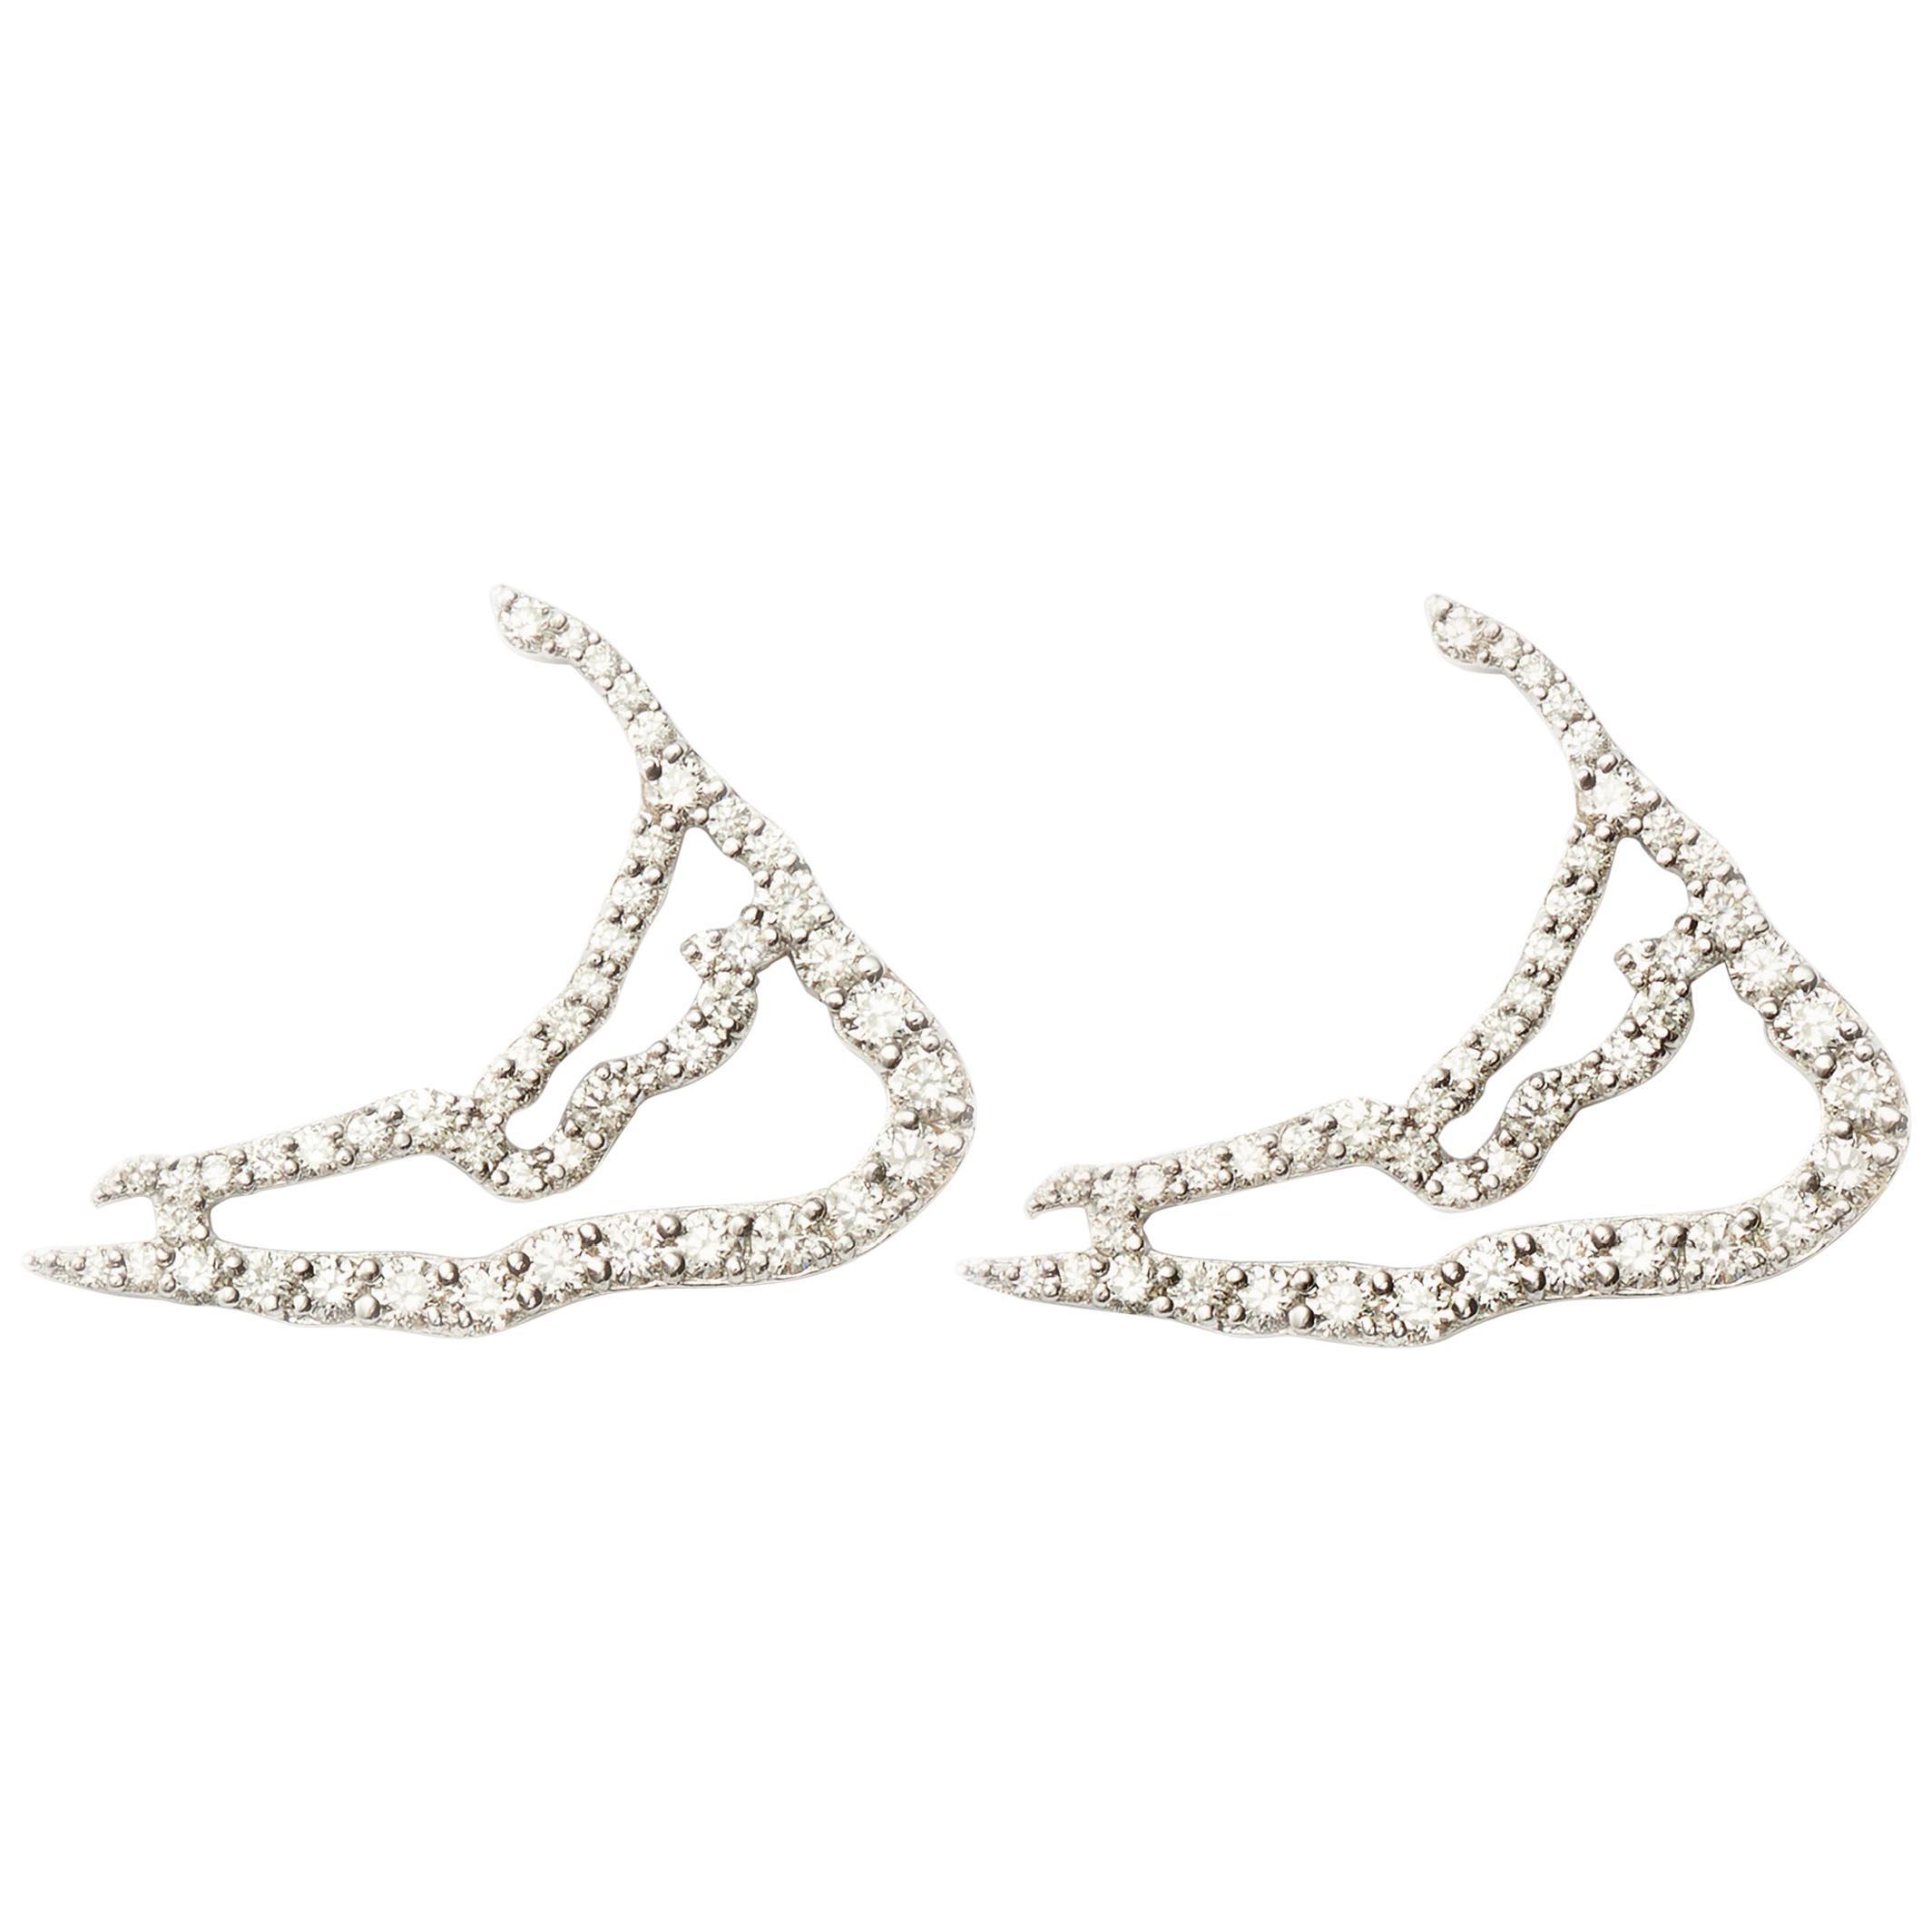 Susan Lister Locke Nantucket in Diamonds Map Earrings